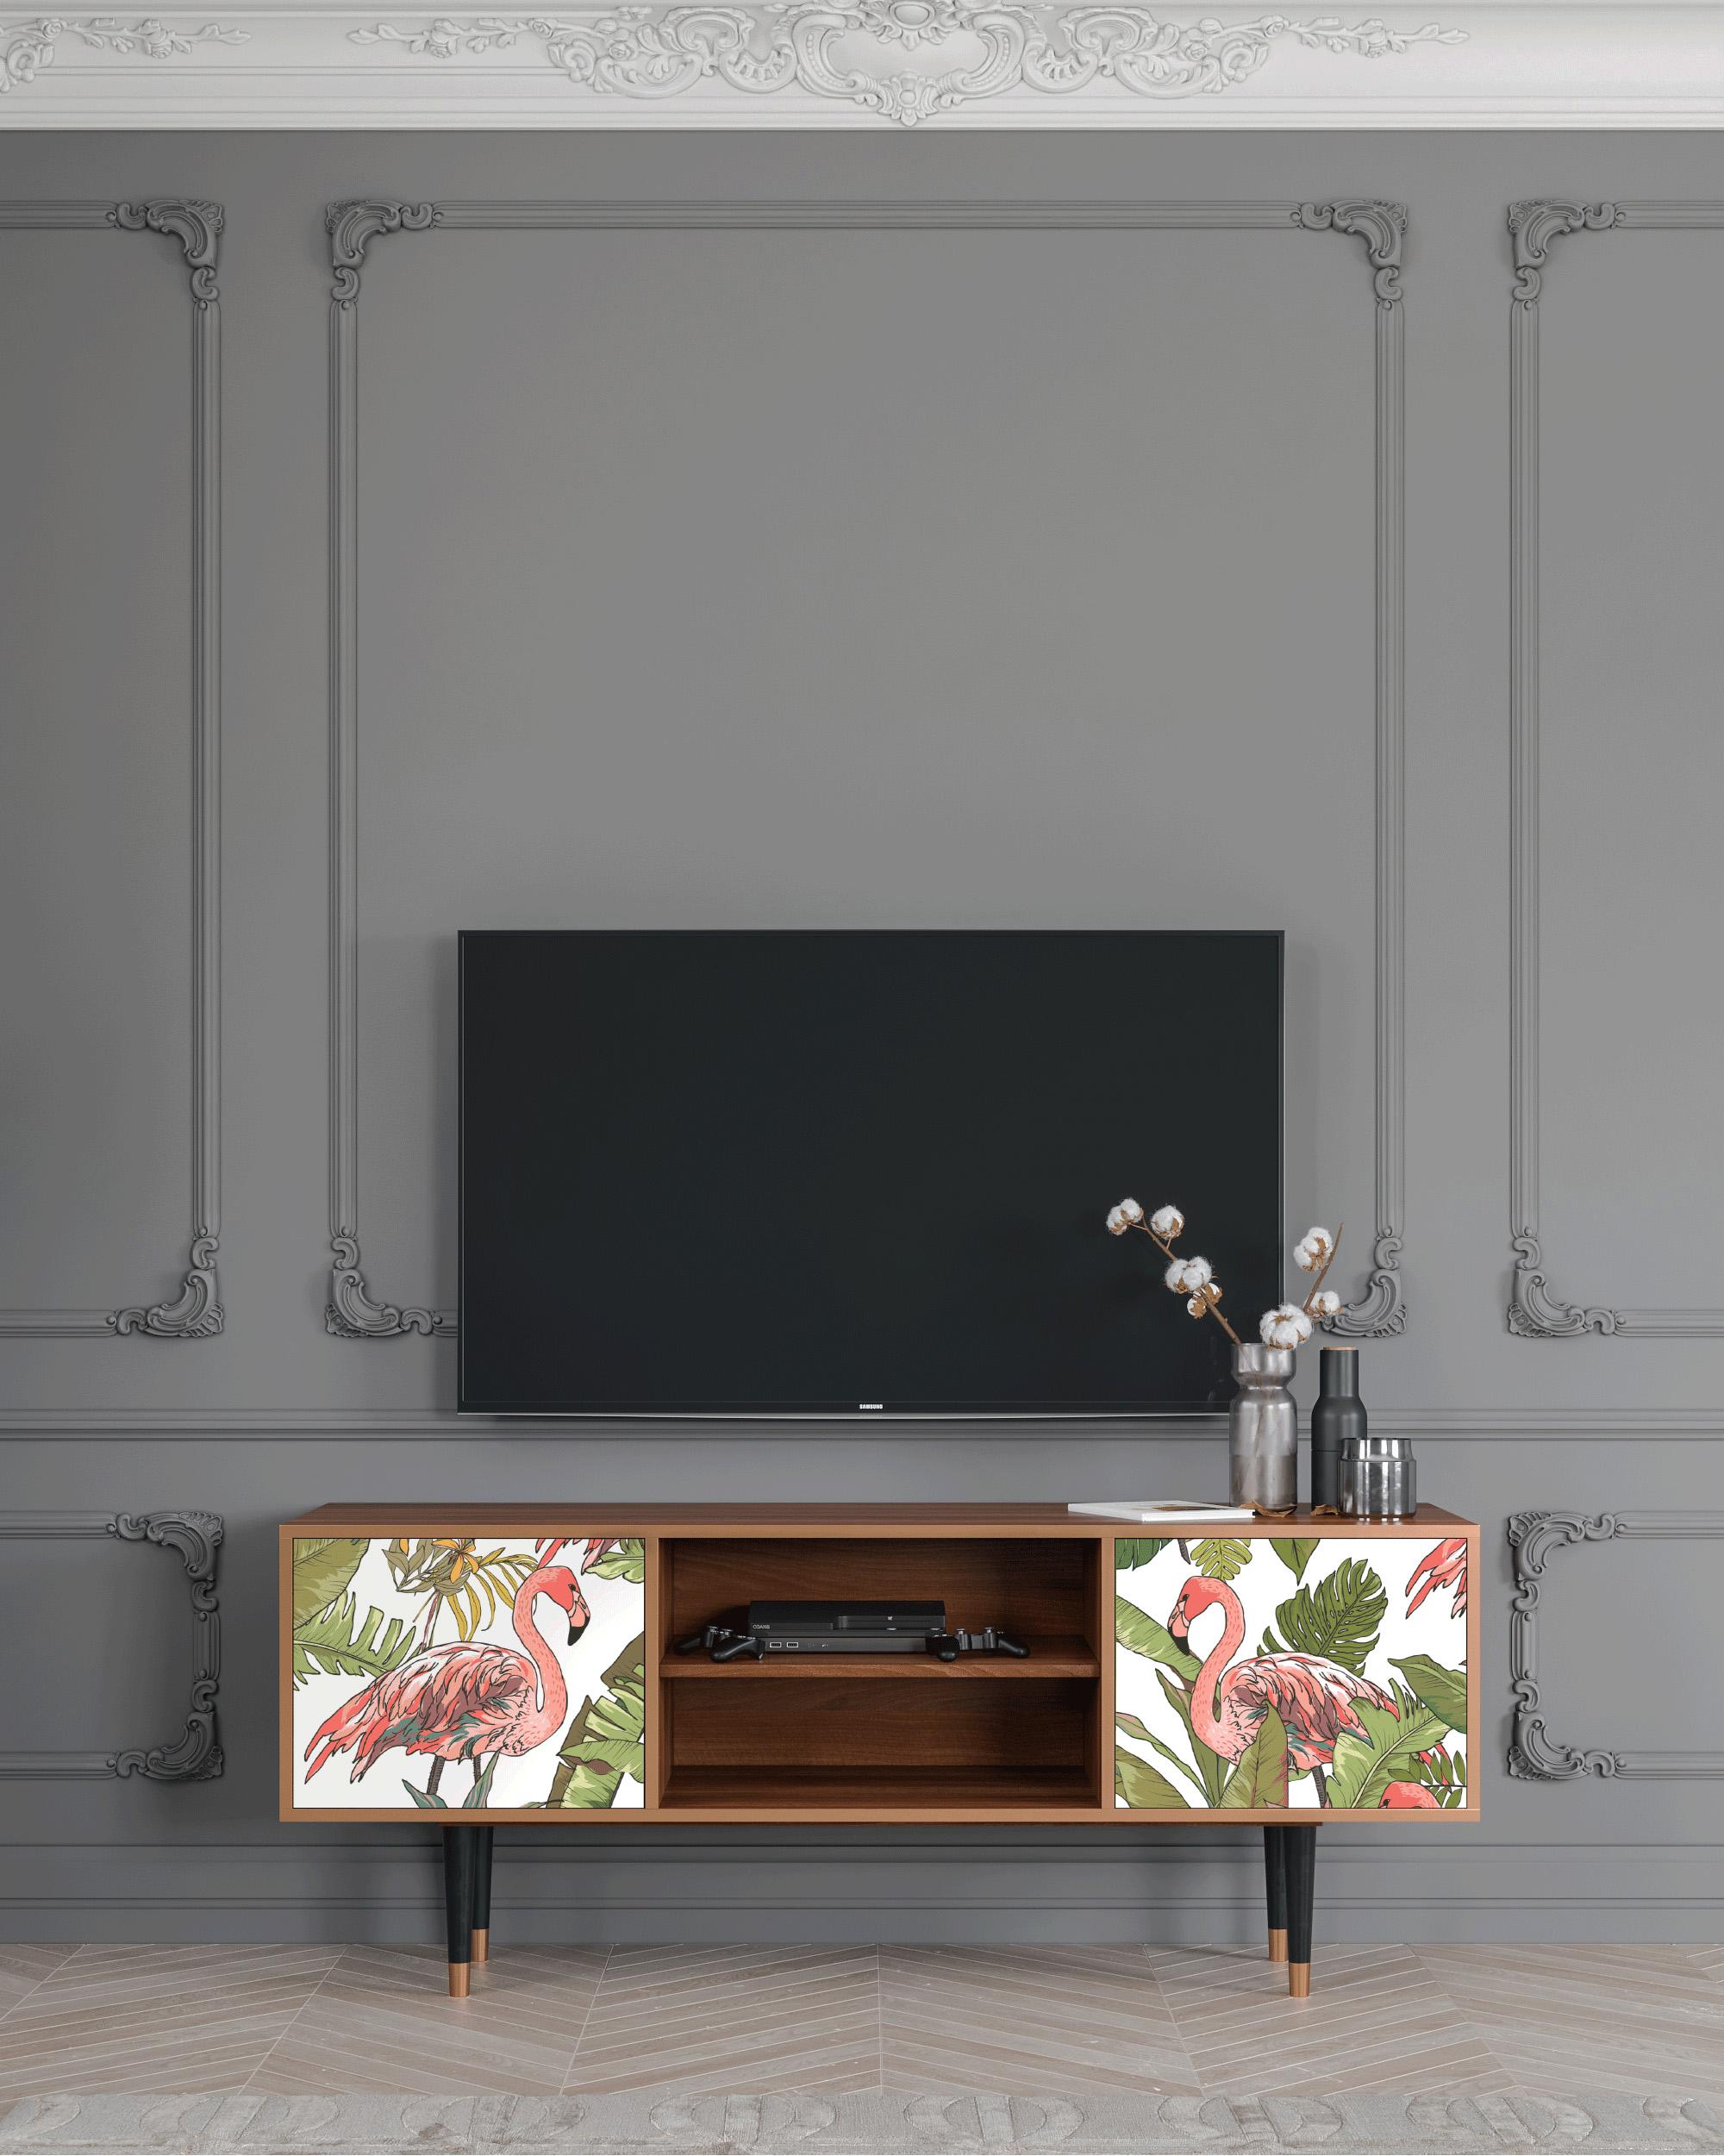 Meuble TV rose et vert 170cm 2 portes